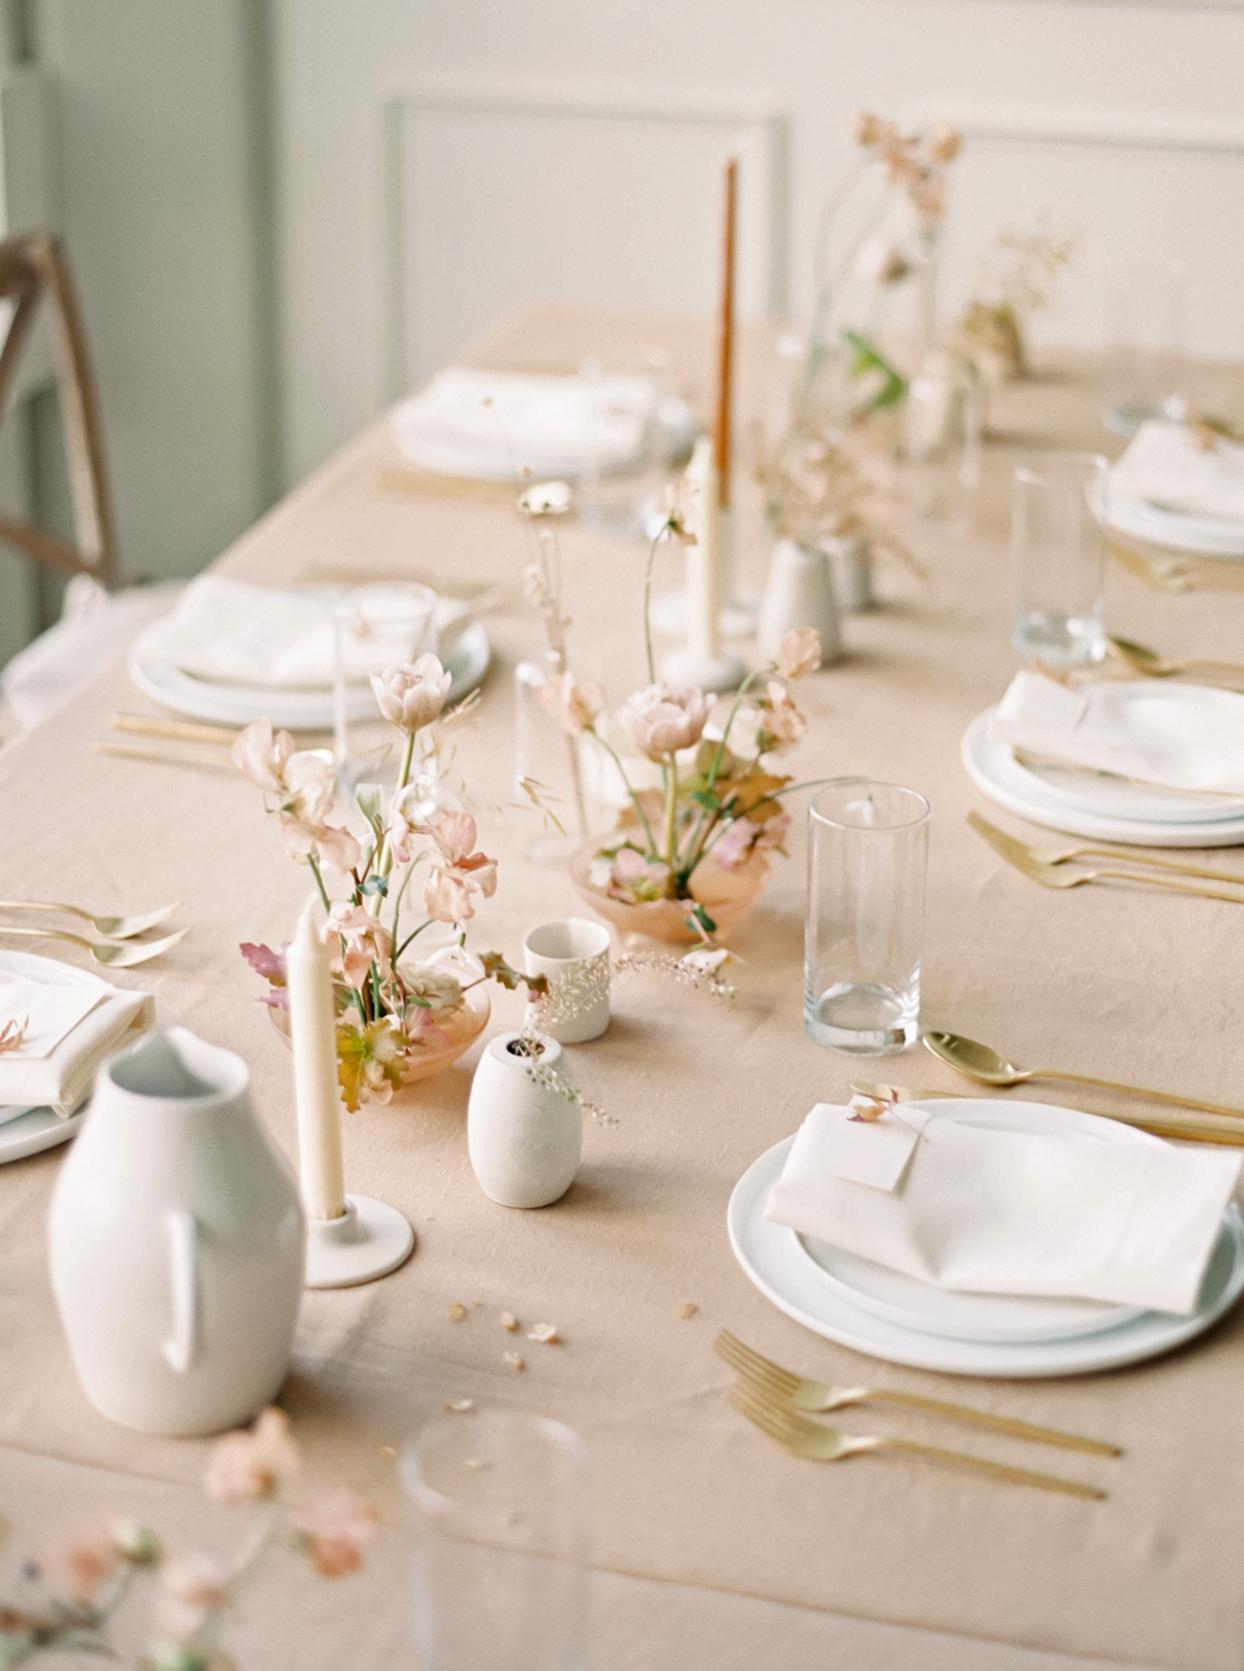 minimalist ikebana clustered floral arrangements on table